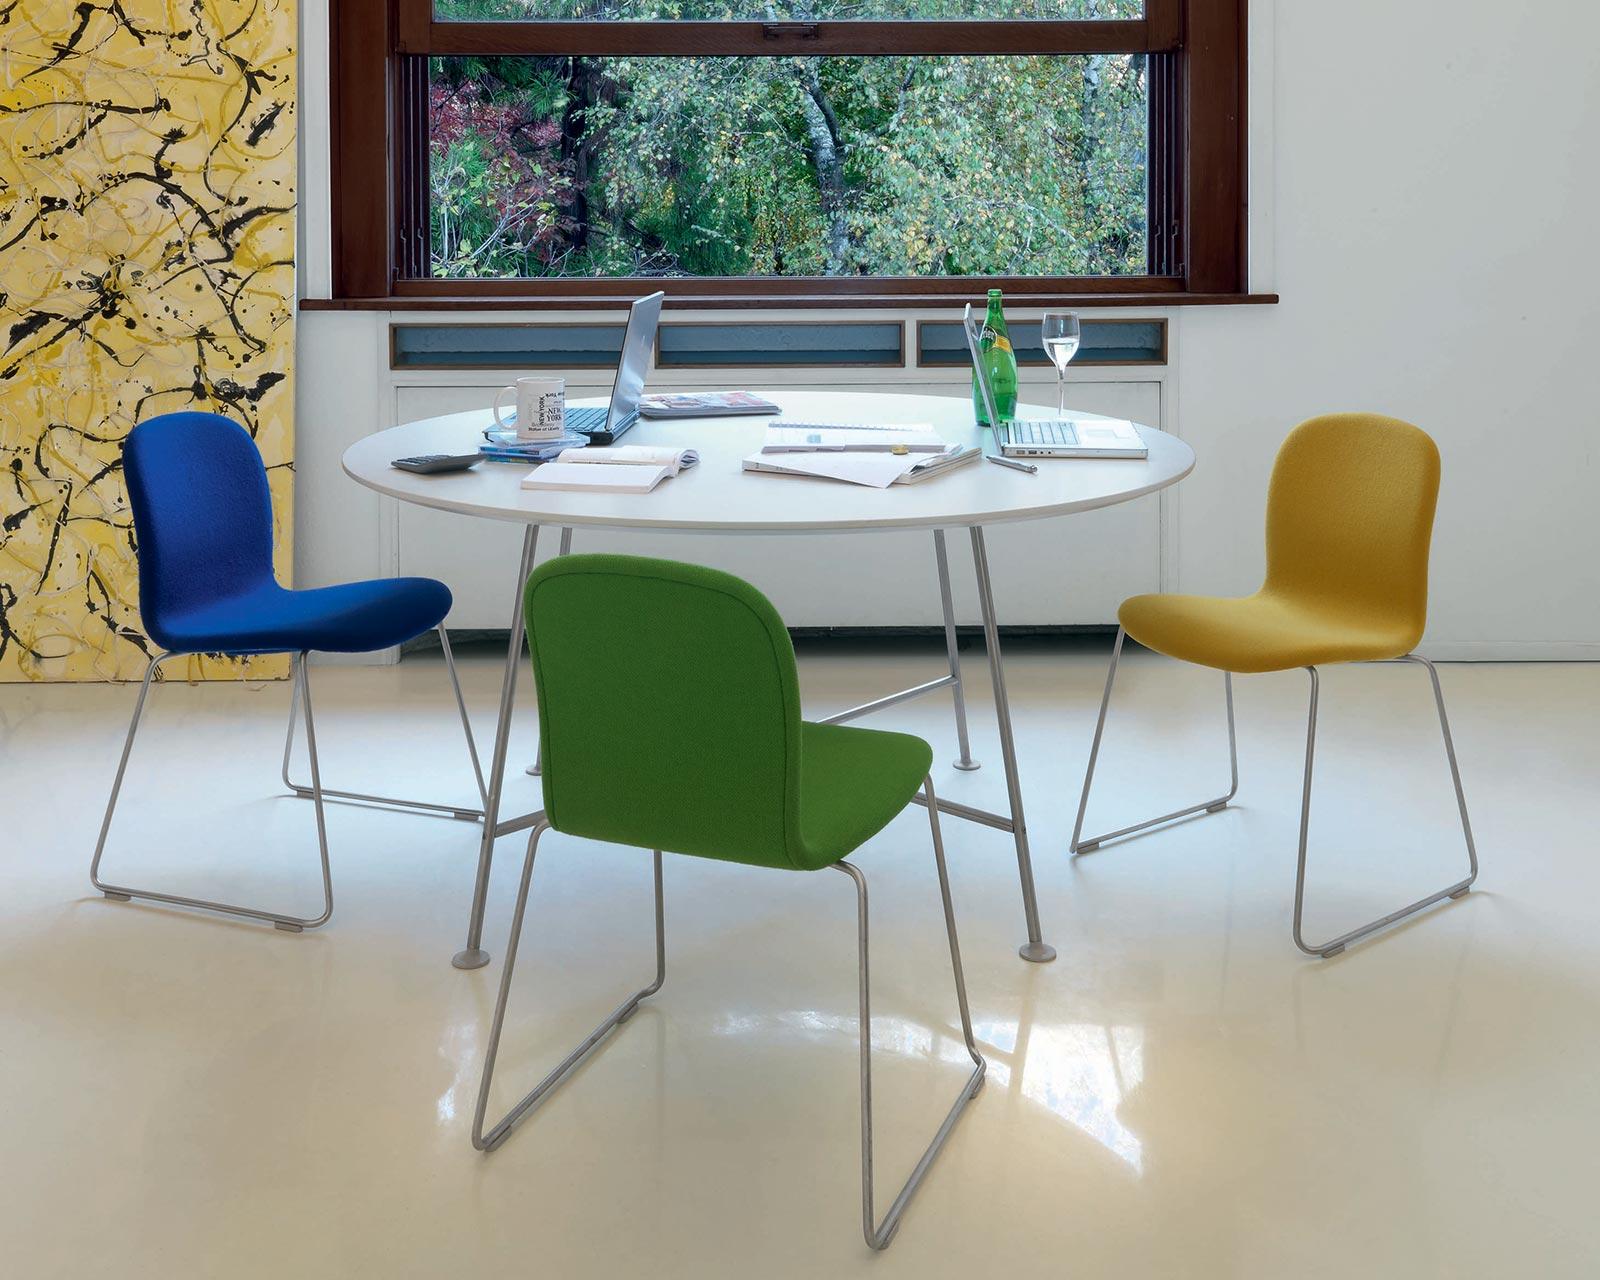 Tavoli e tavolini spazio ambiente sa locarno - Tavoli e tavolini ...